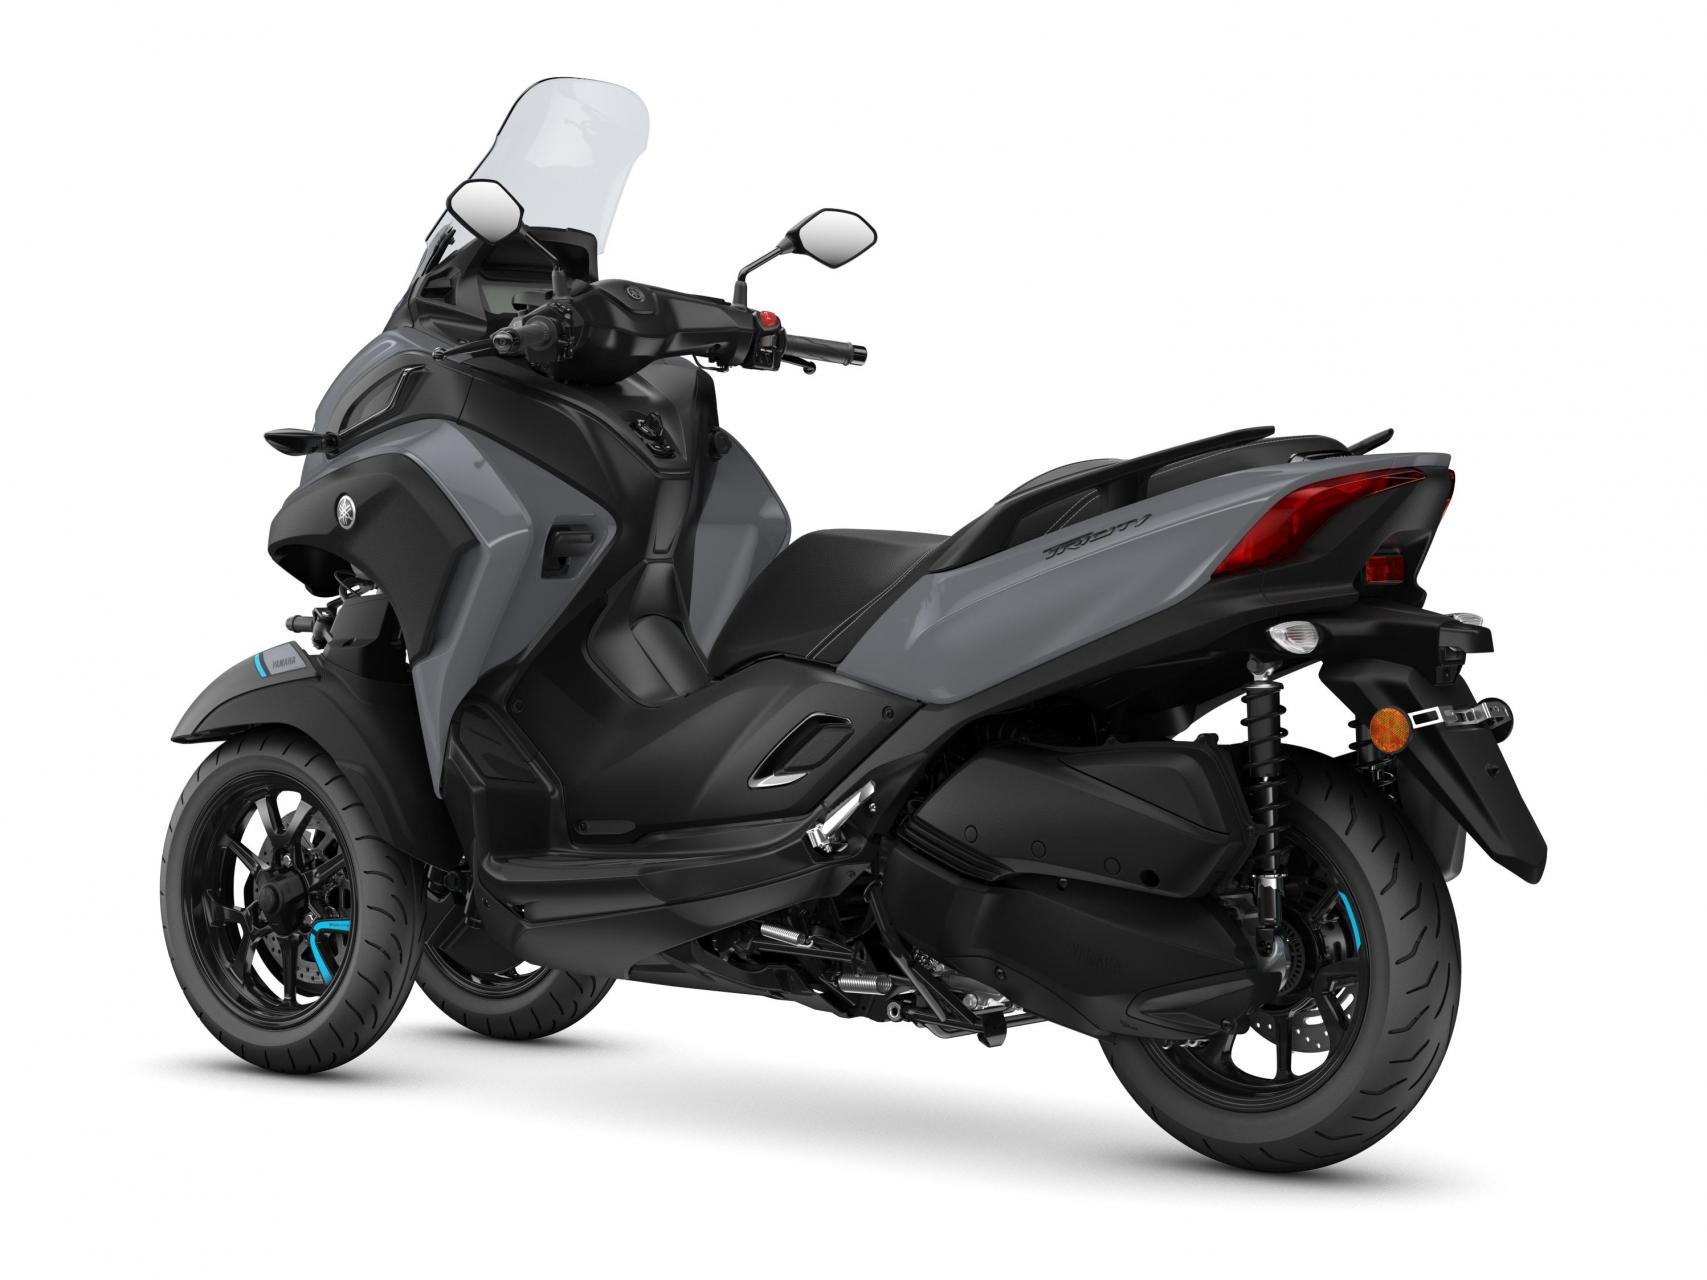 Yamaha Tricity 300 : présentation, fiche technique, prix